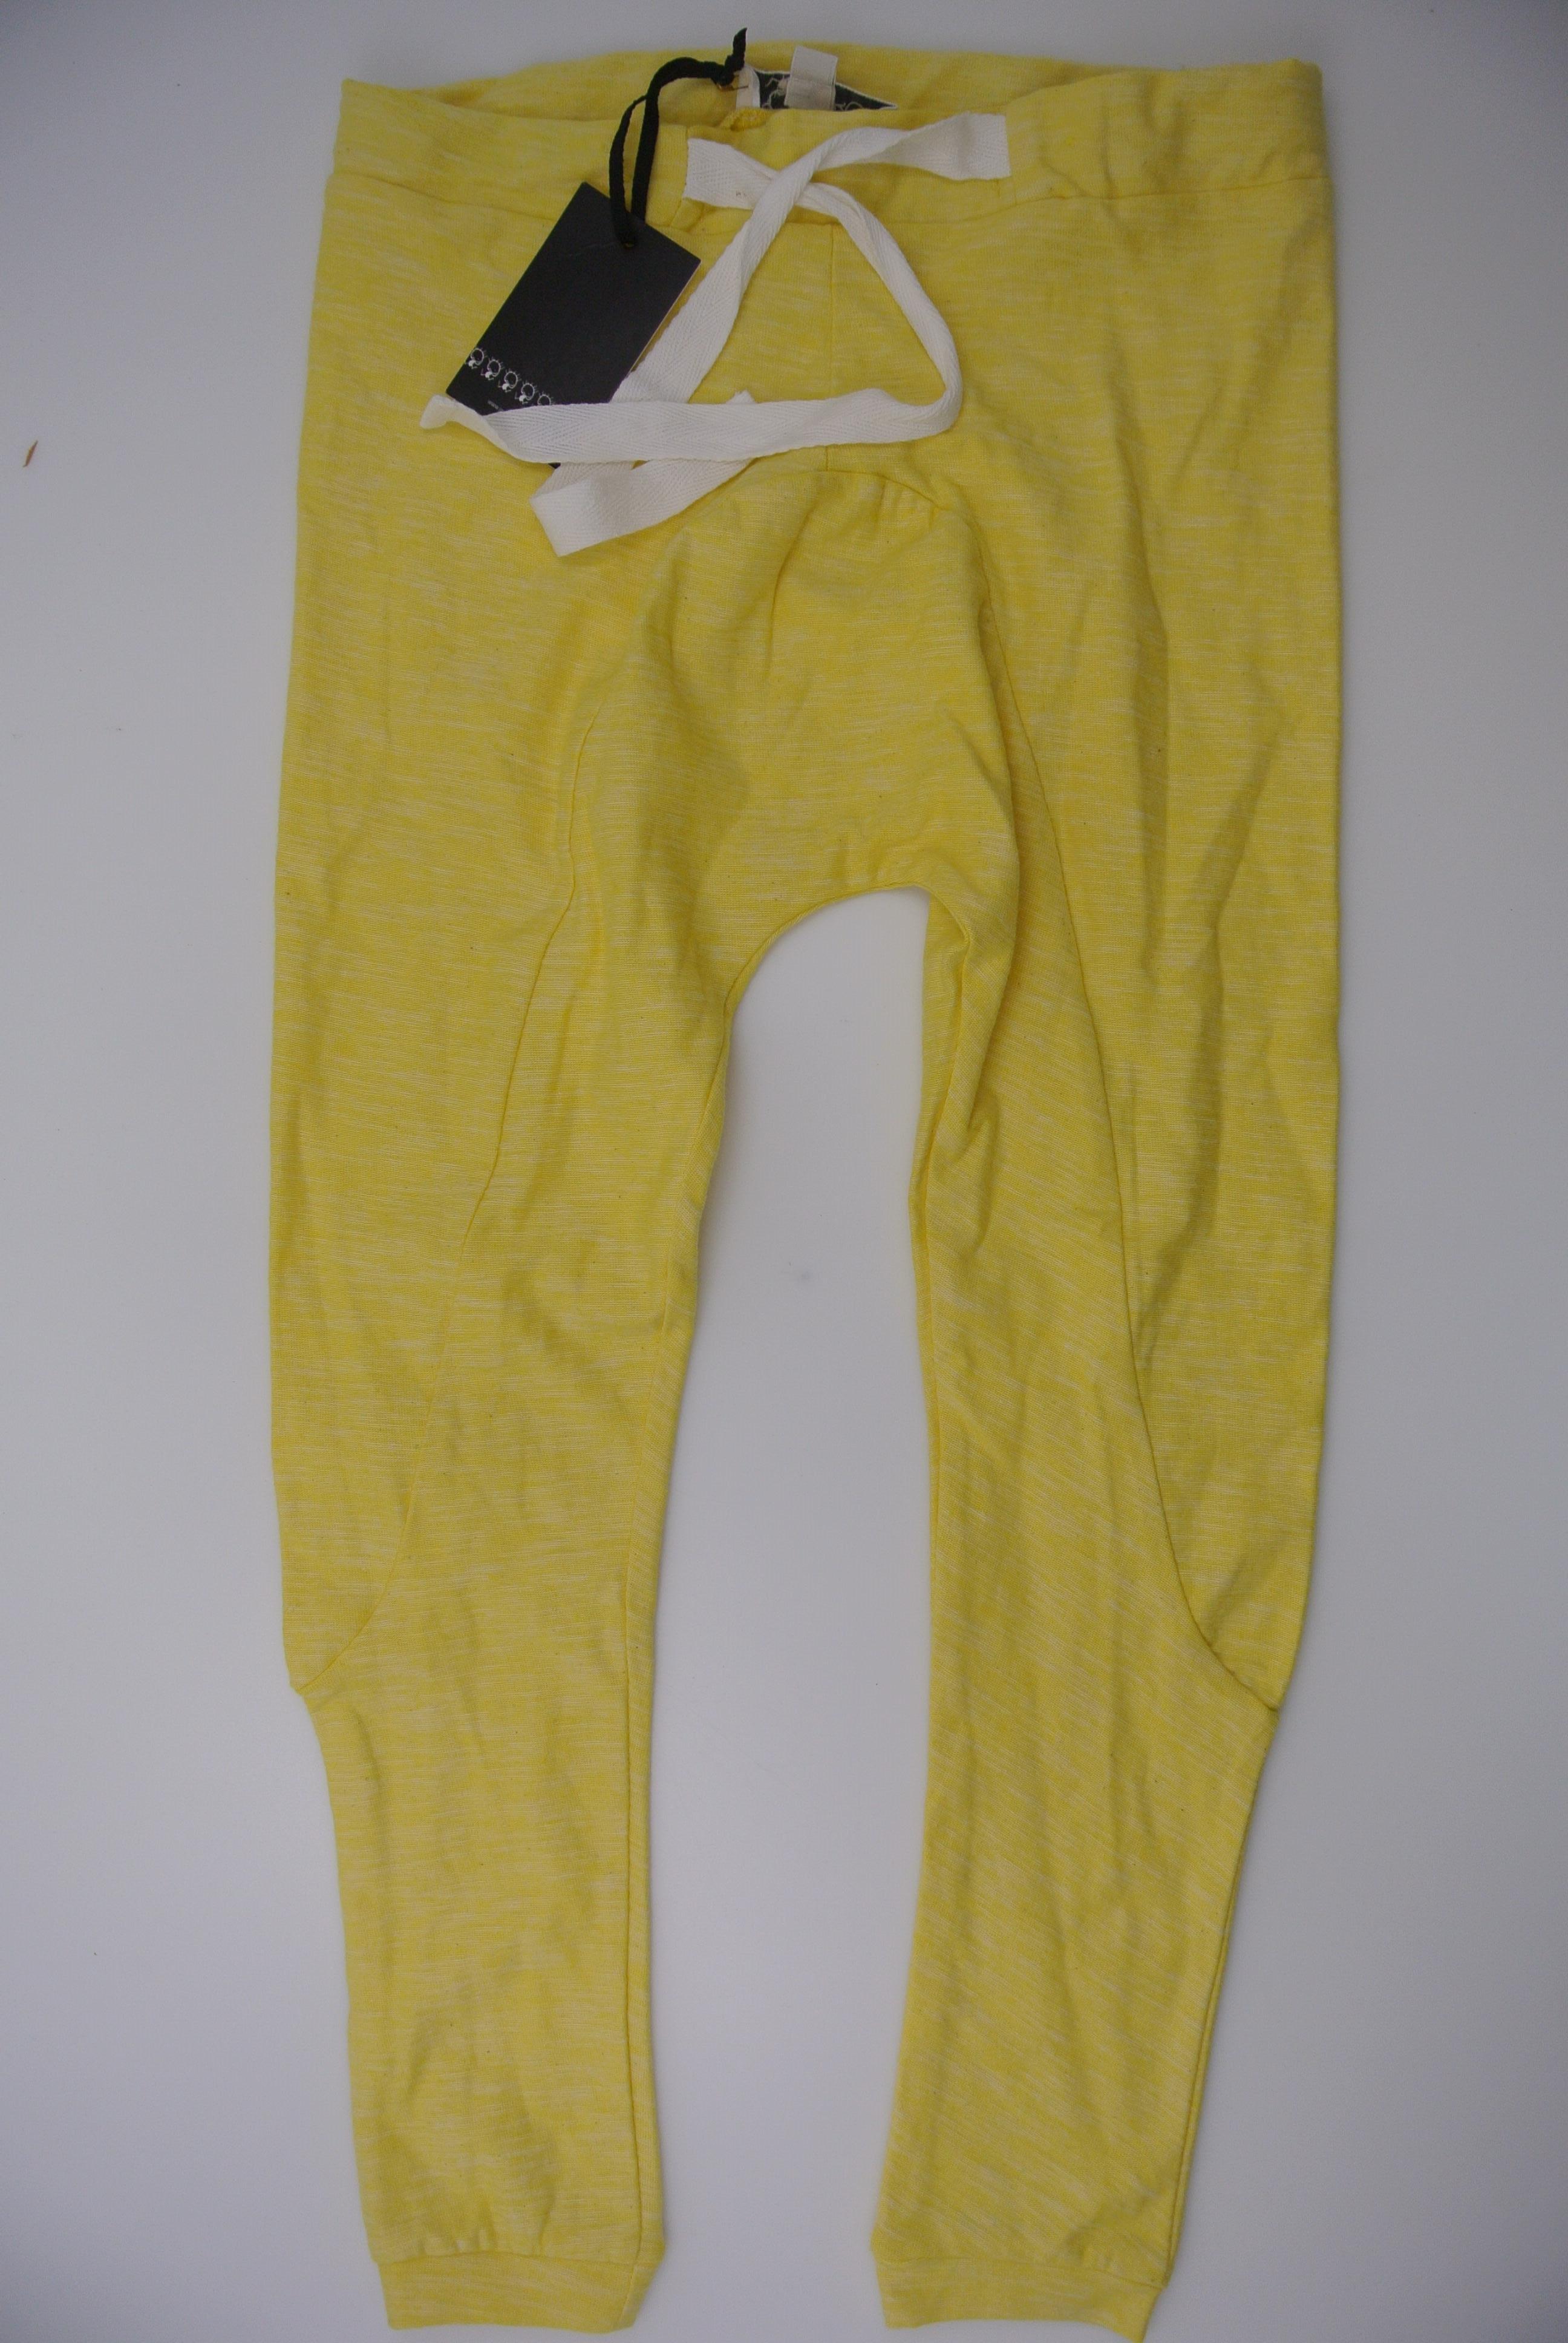 Gro bukser str 128 pige